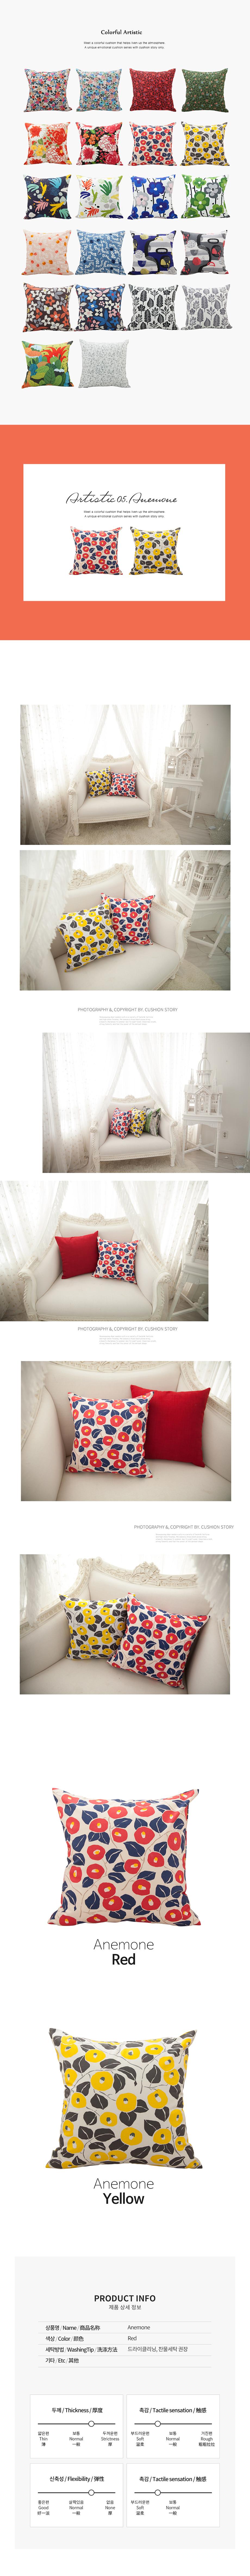 (C.A) Anemone (Red) 쿠션커버 - 쿠션이야기, 9,300원, 쿠션, 패턴/도트